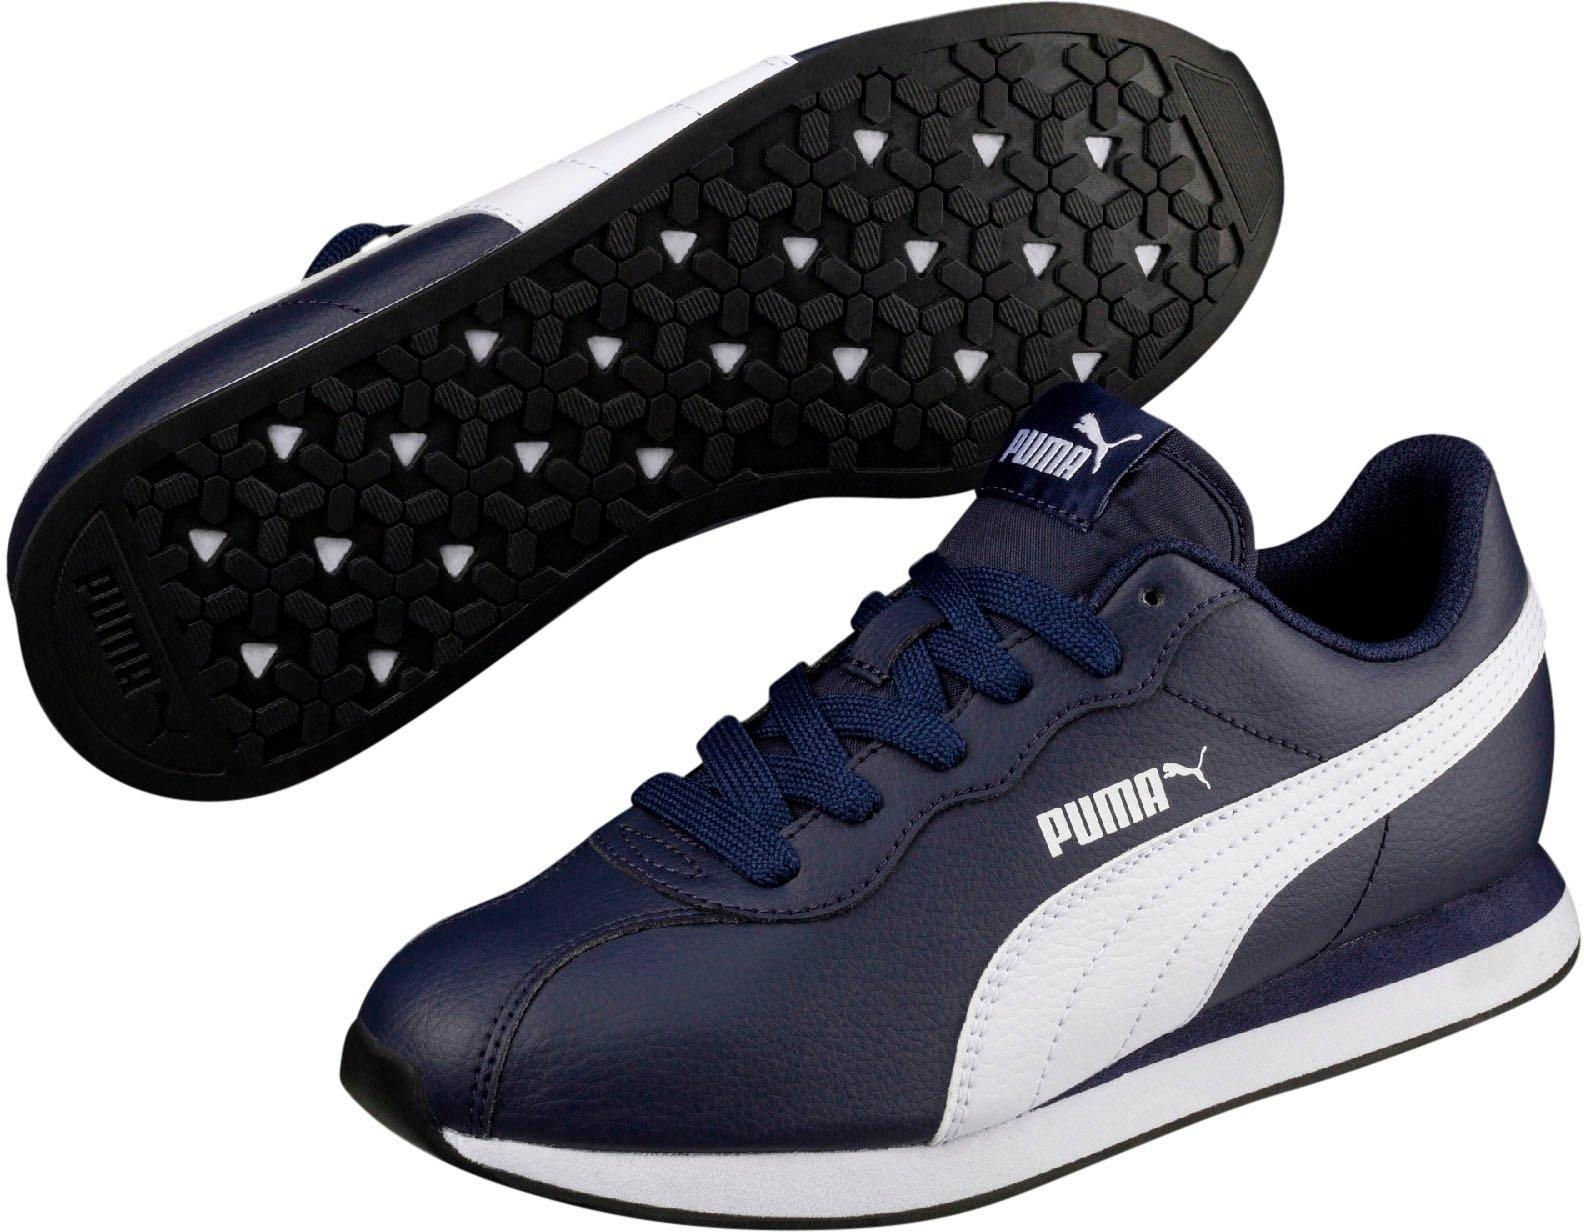 PUMA sneakers Puma Turin II JR bestellen: 30 dagen bedenktijd